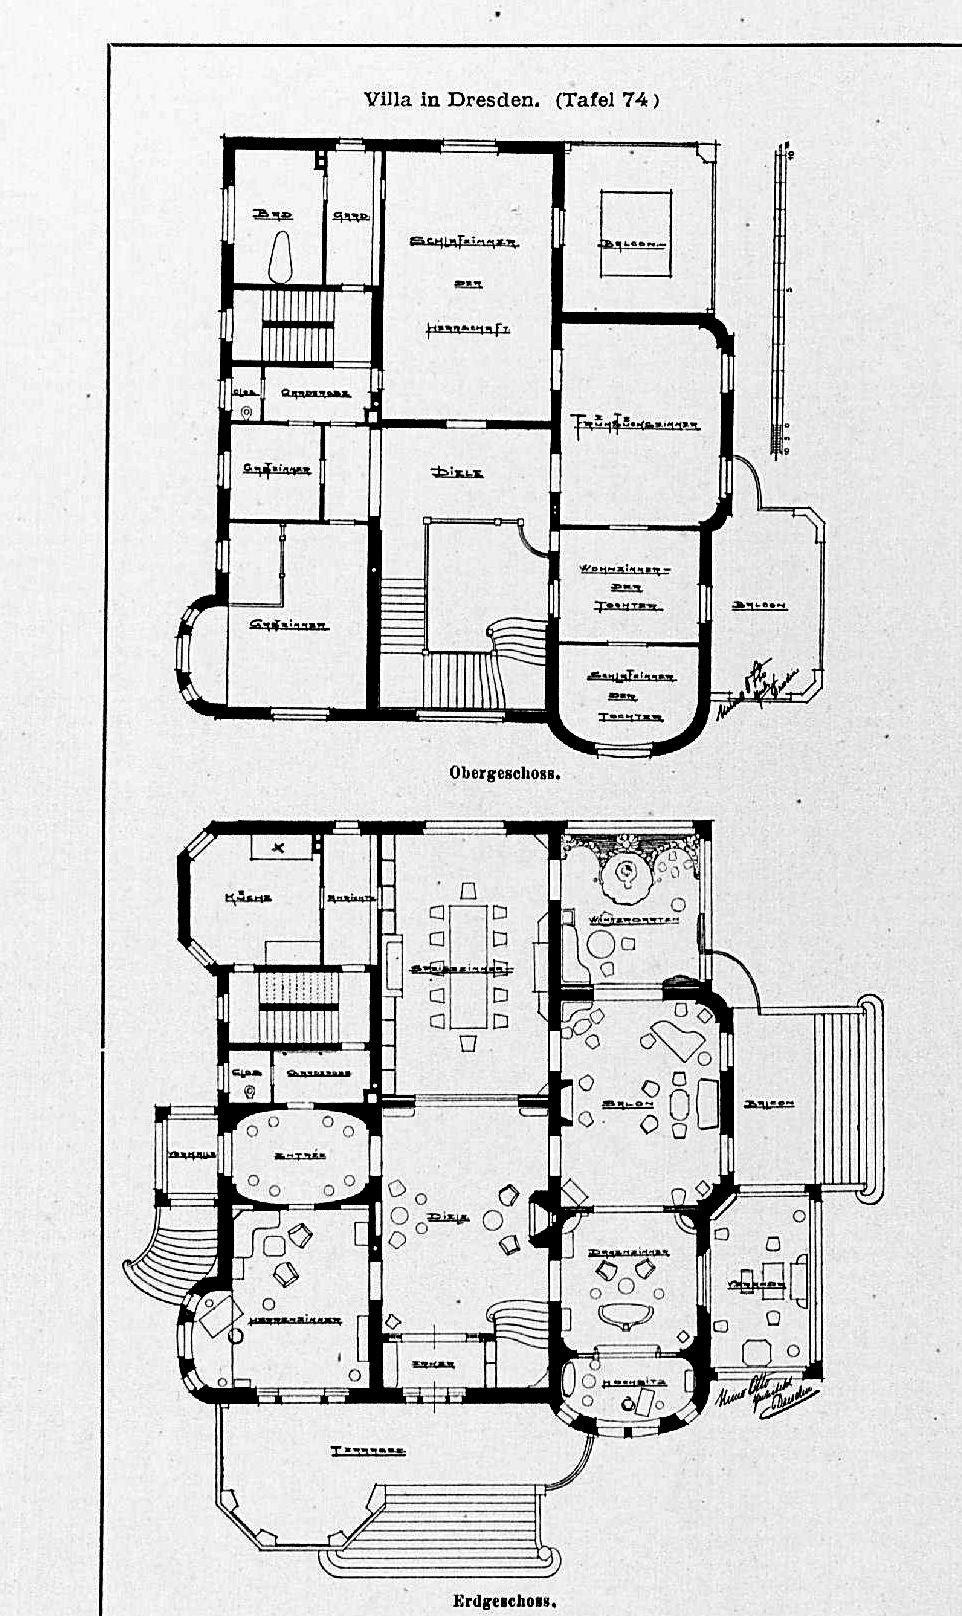 file villa in dresden st belallee 21 gesamtansicht. Black Bedroom Furniture Sets. Home Design Ideas